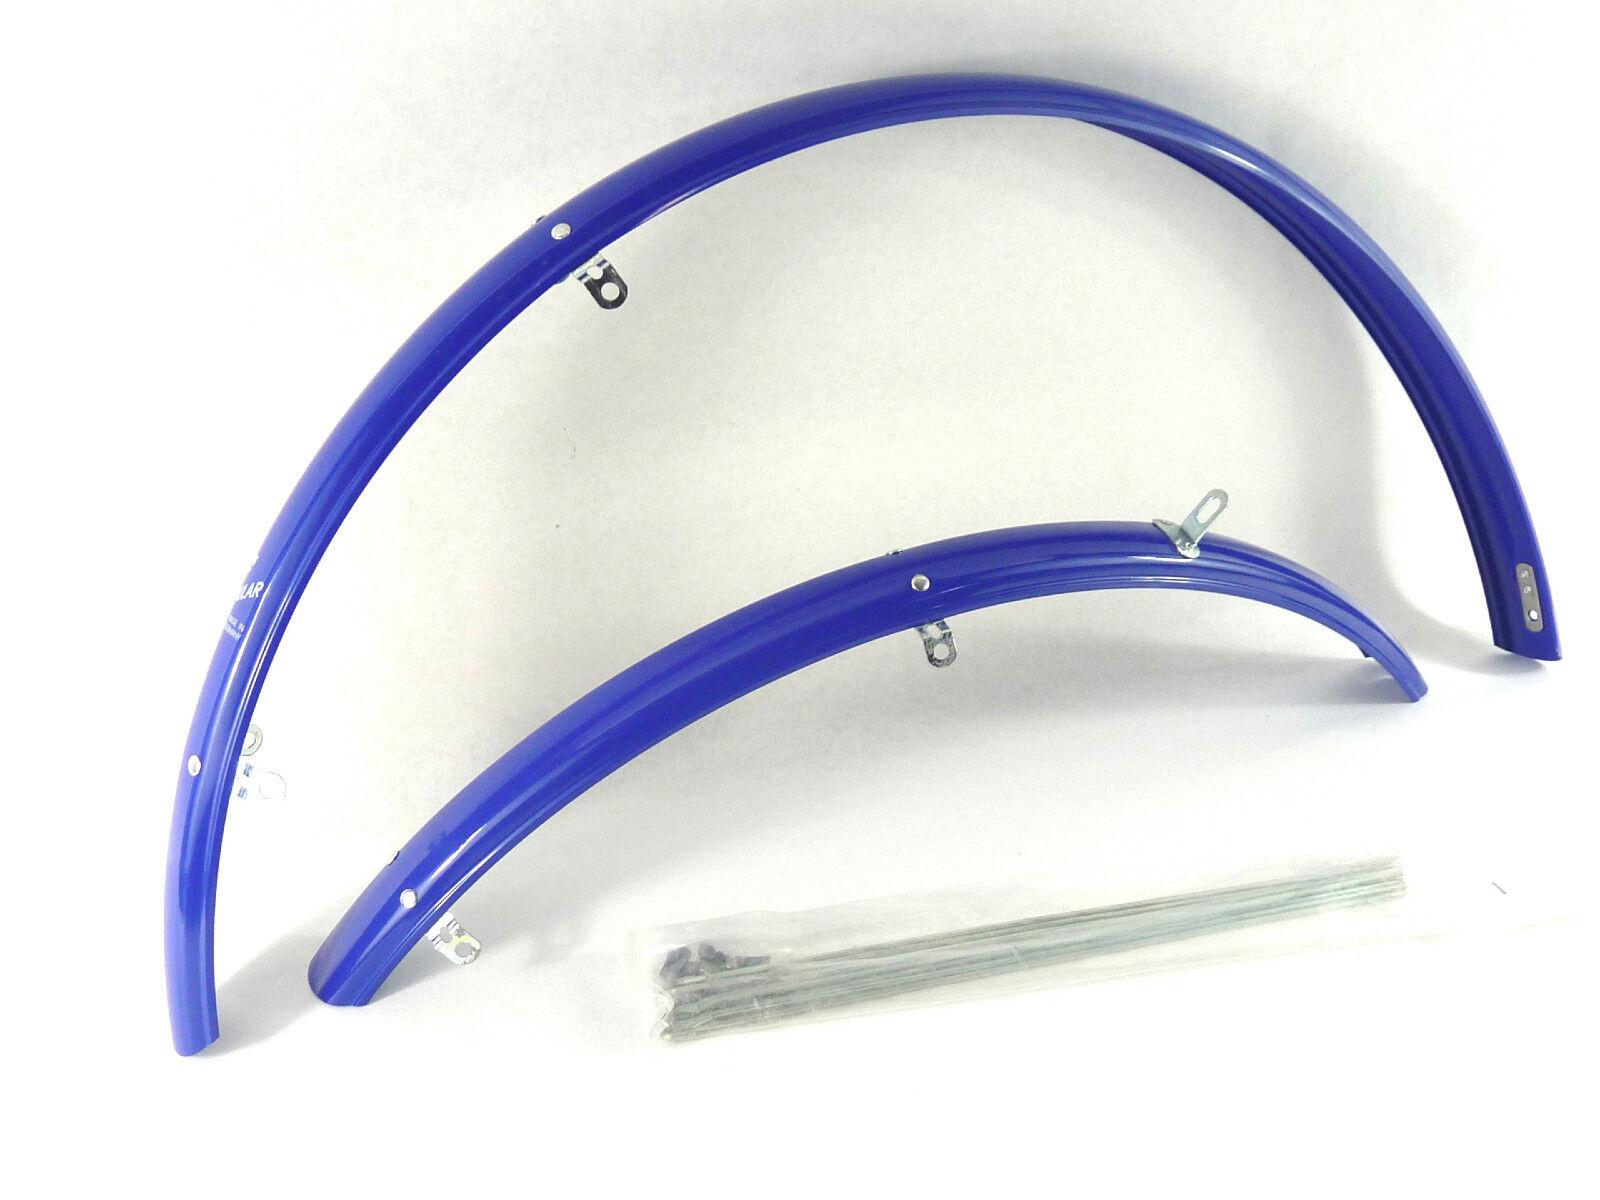 blueeemels  Fenders SKS  Popular  blueee w Stays Vintage Bicycle Mudguards NOS  big discount prices